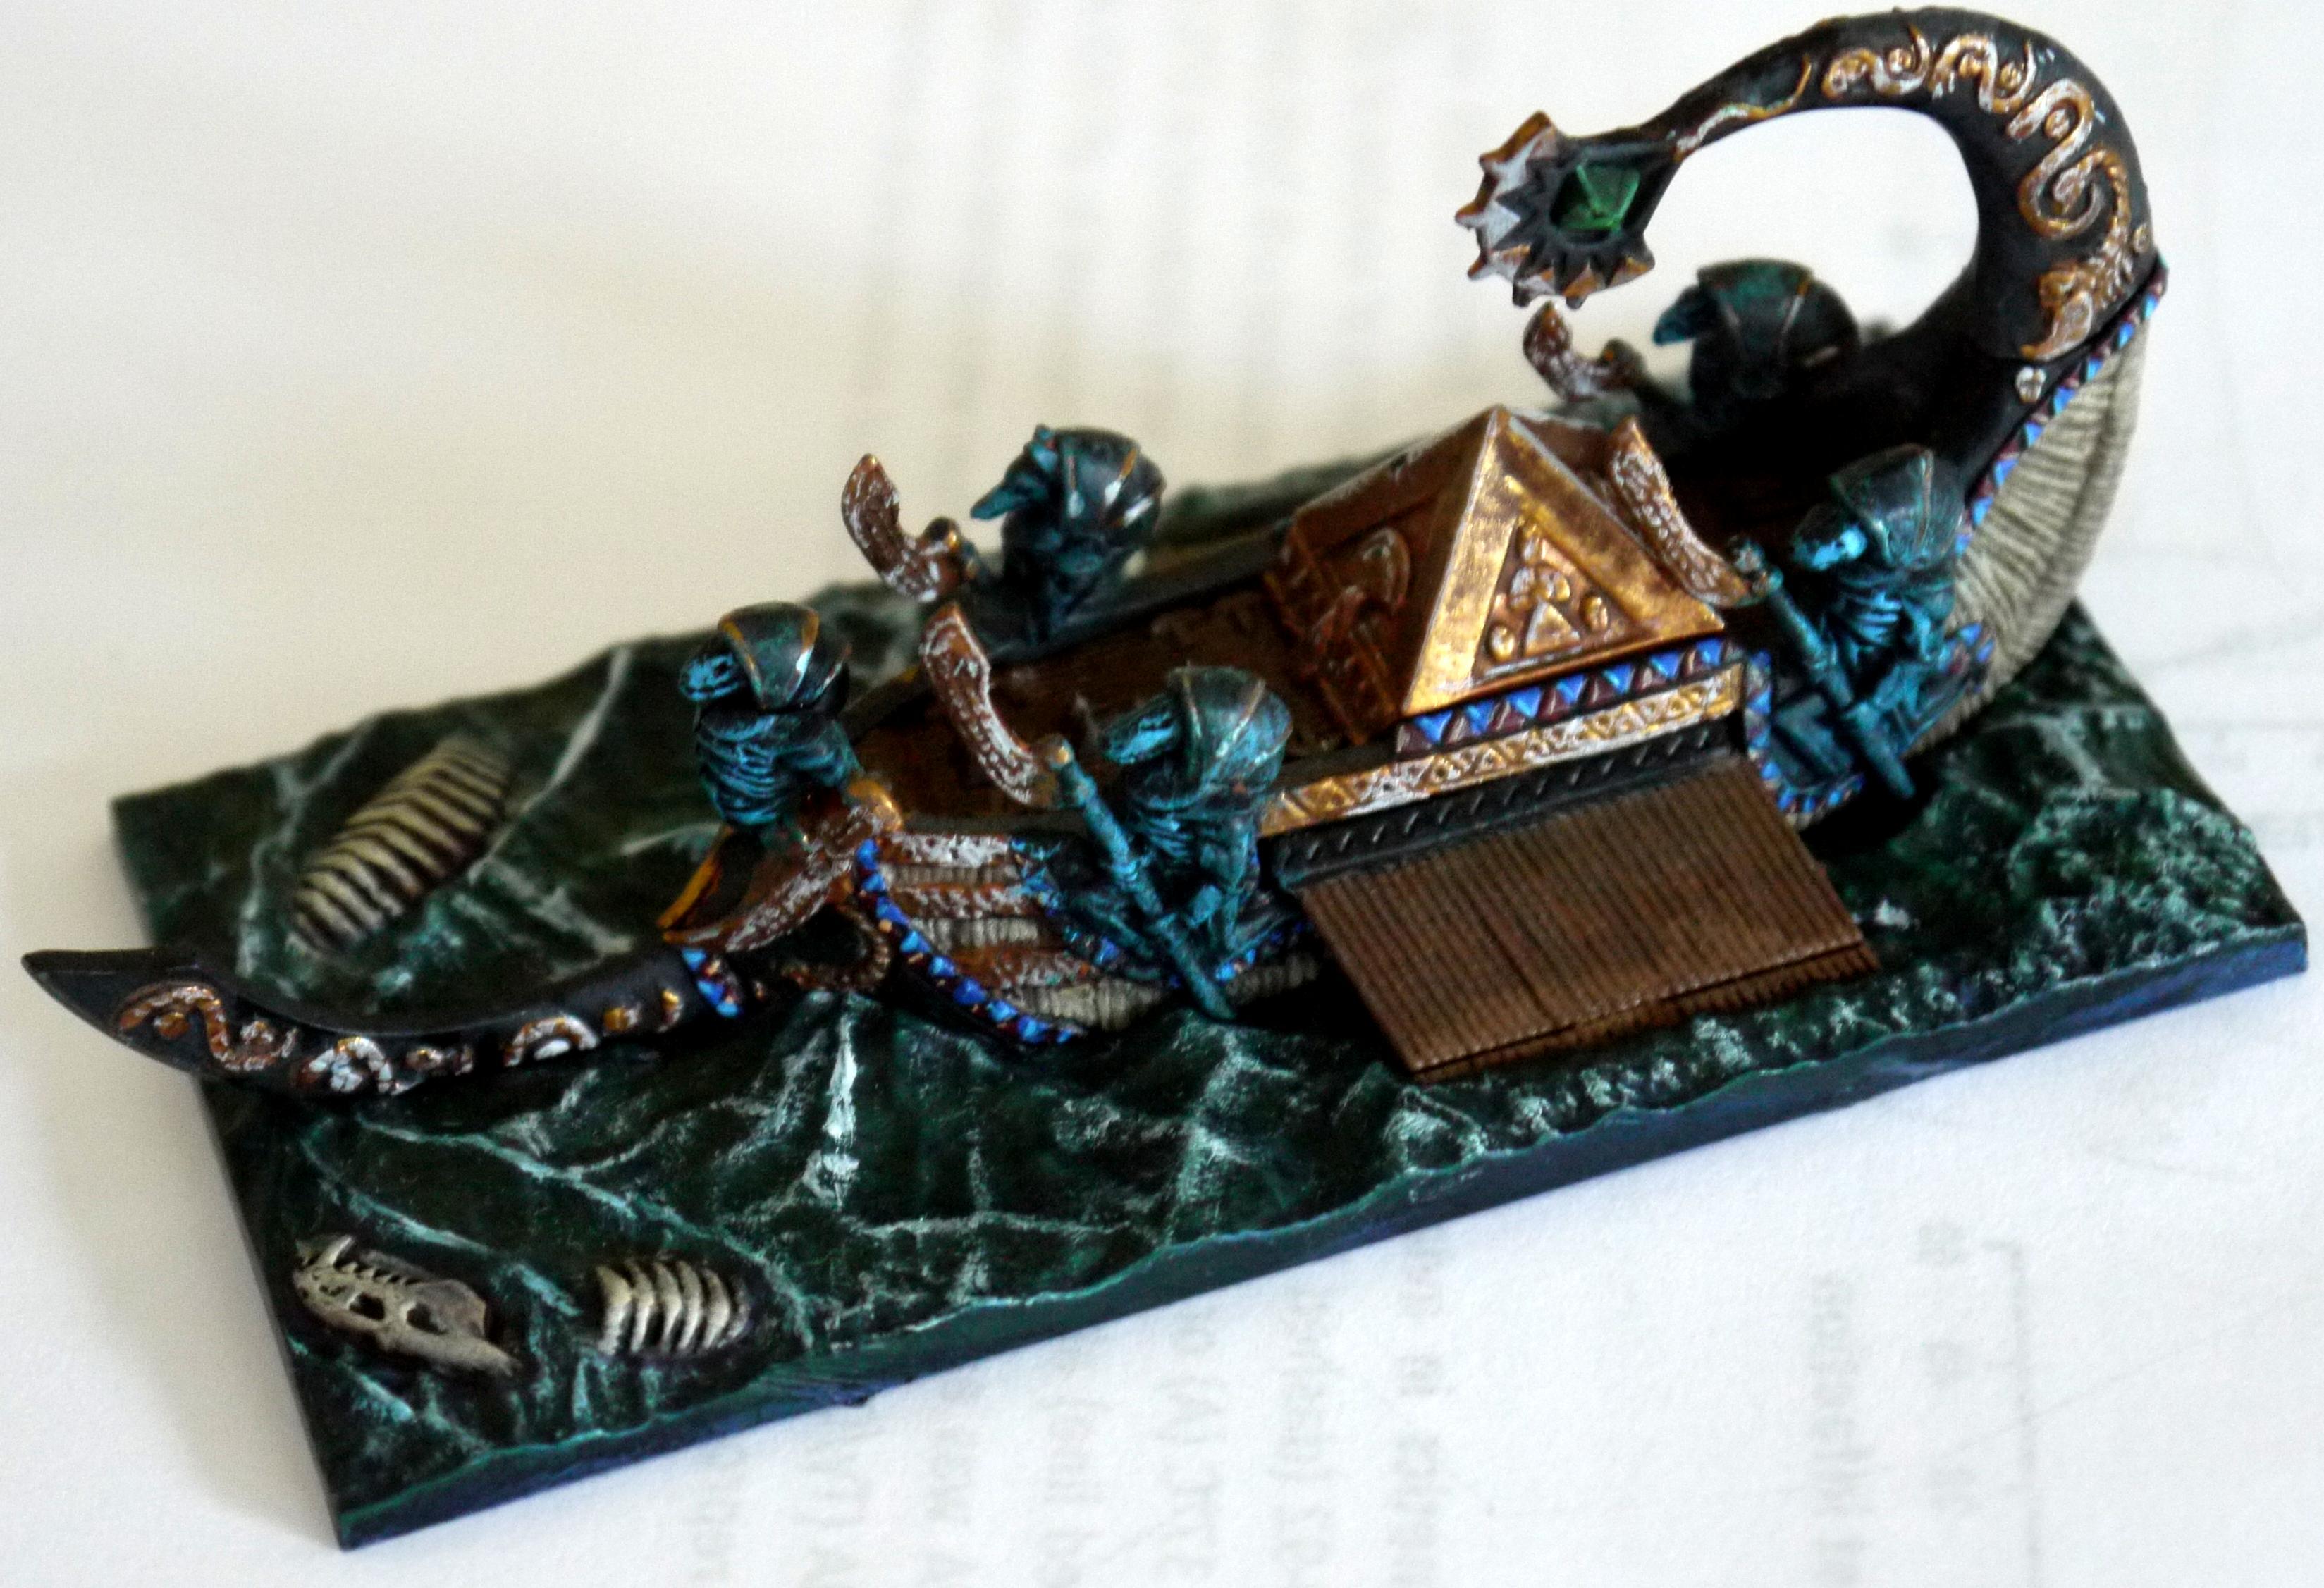 Curse Of Zandri, Dreadfleet, Tombkings